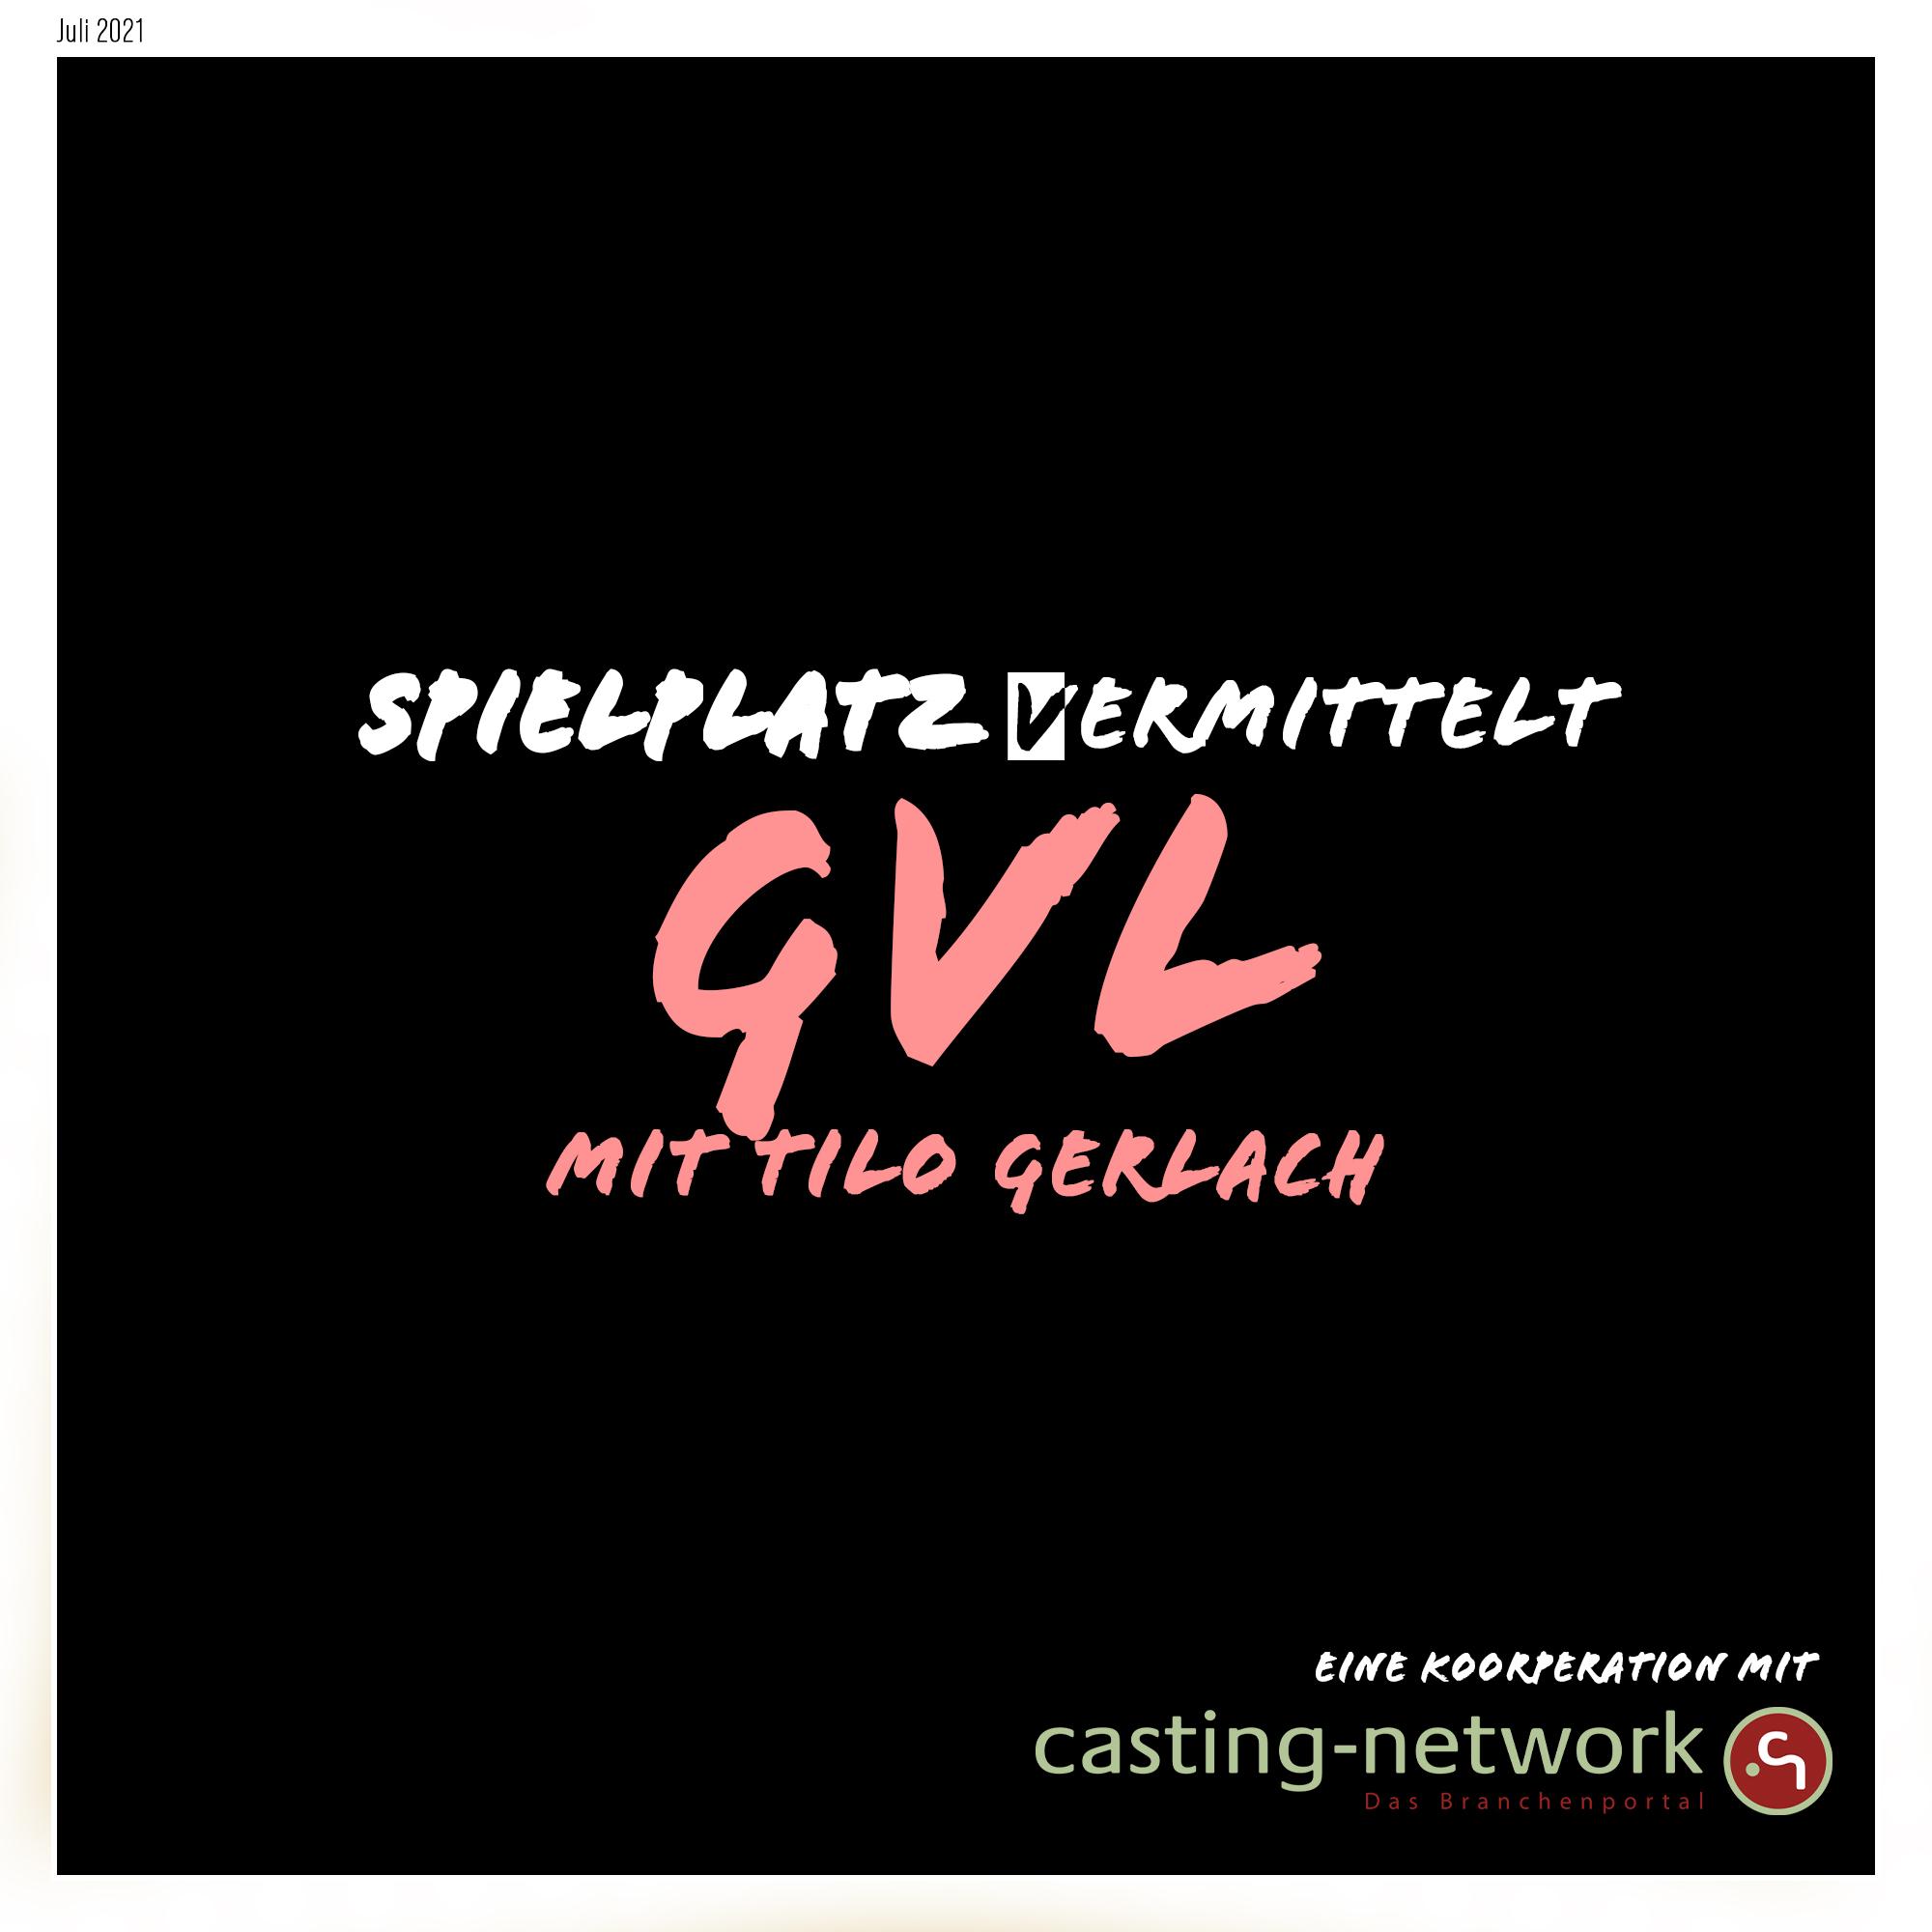 Spielplatz (v)ermittelt #5: GVL mit Dr. Tilo Gerlach